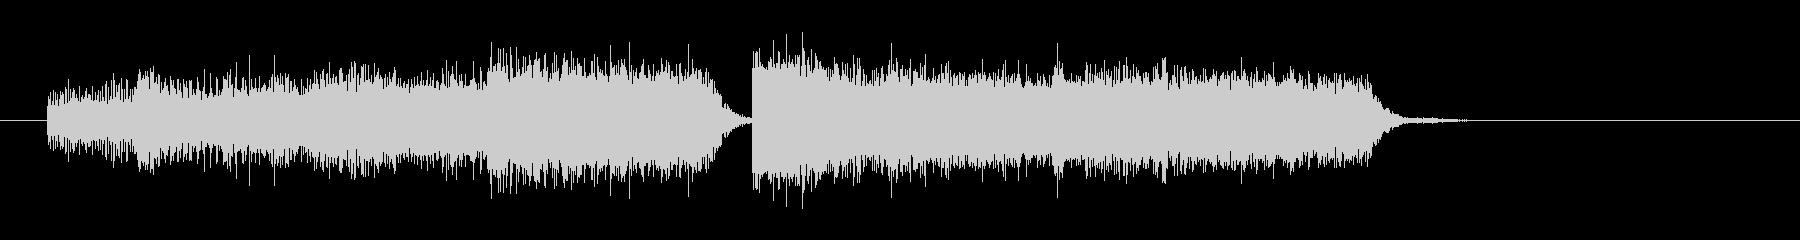 レベルアップ ステータスアップの音の未再生の波形